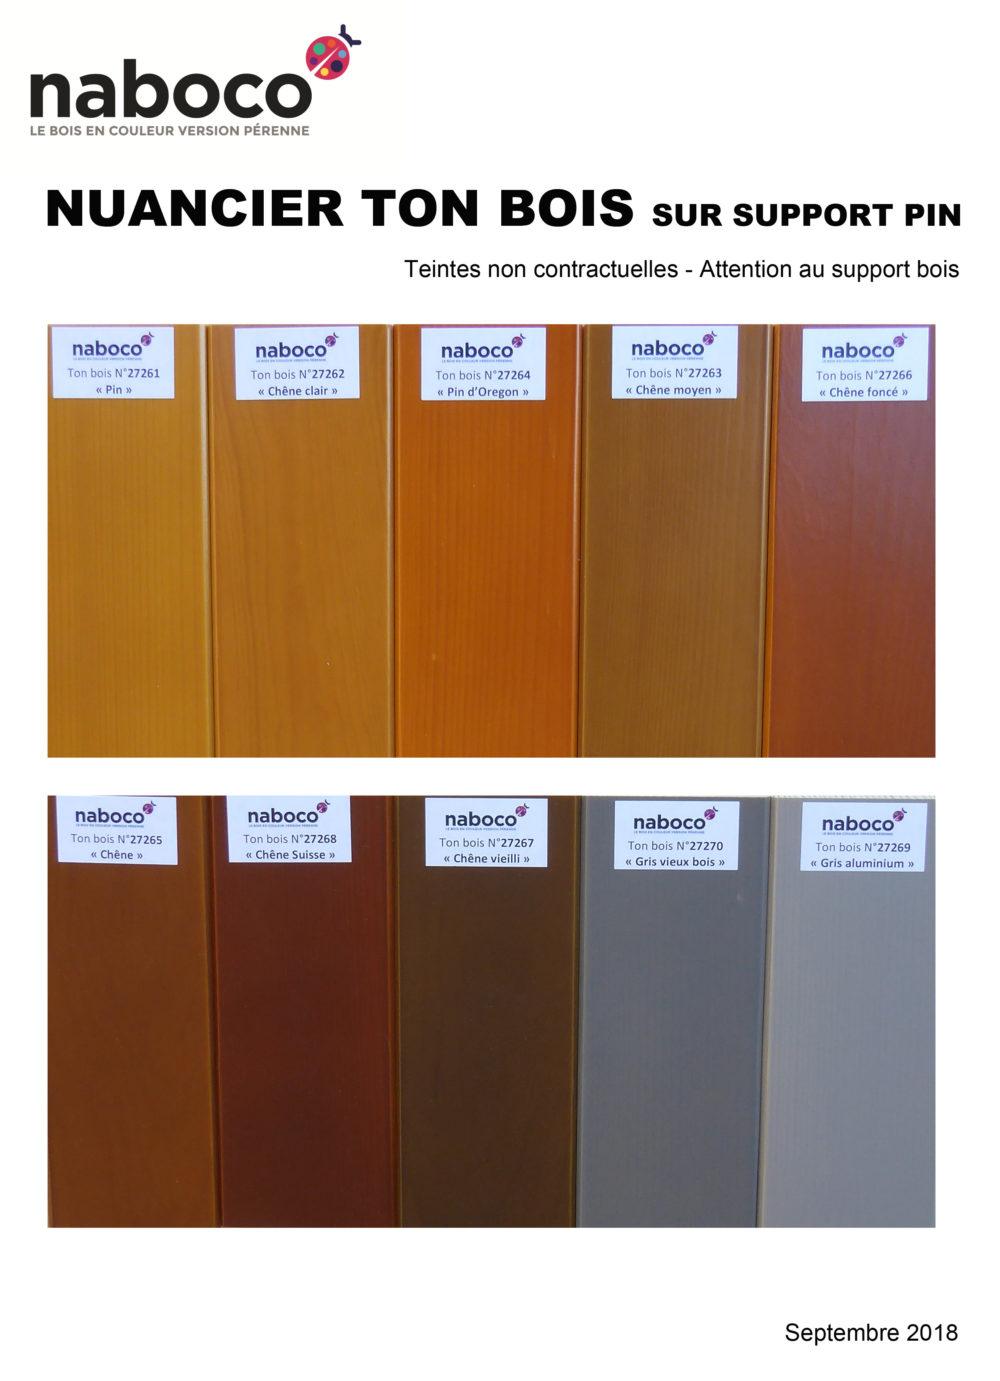 Naboco Nuancier ton bois peint 2018